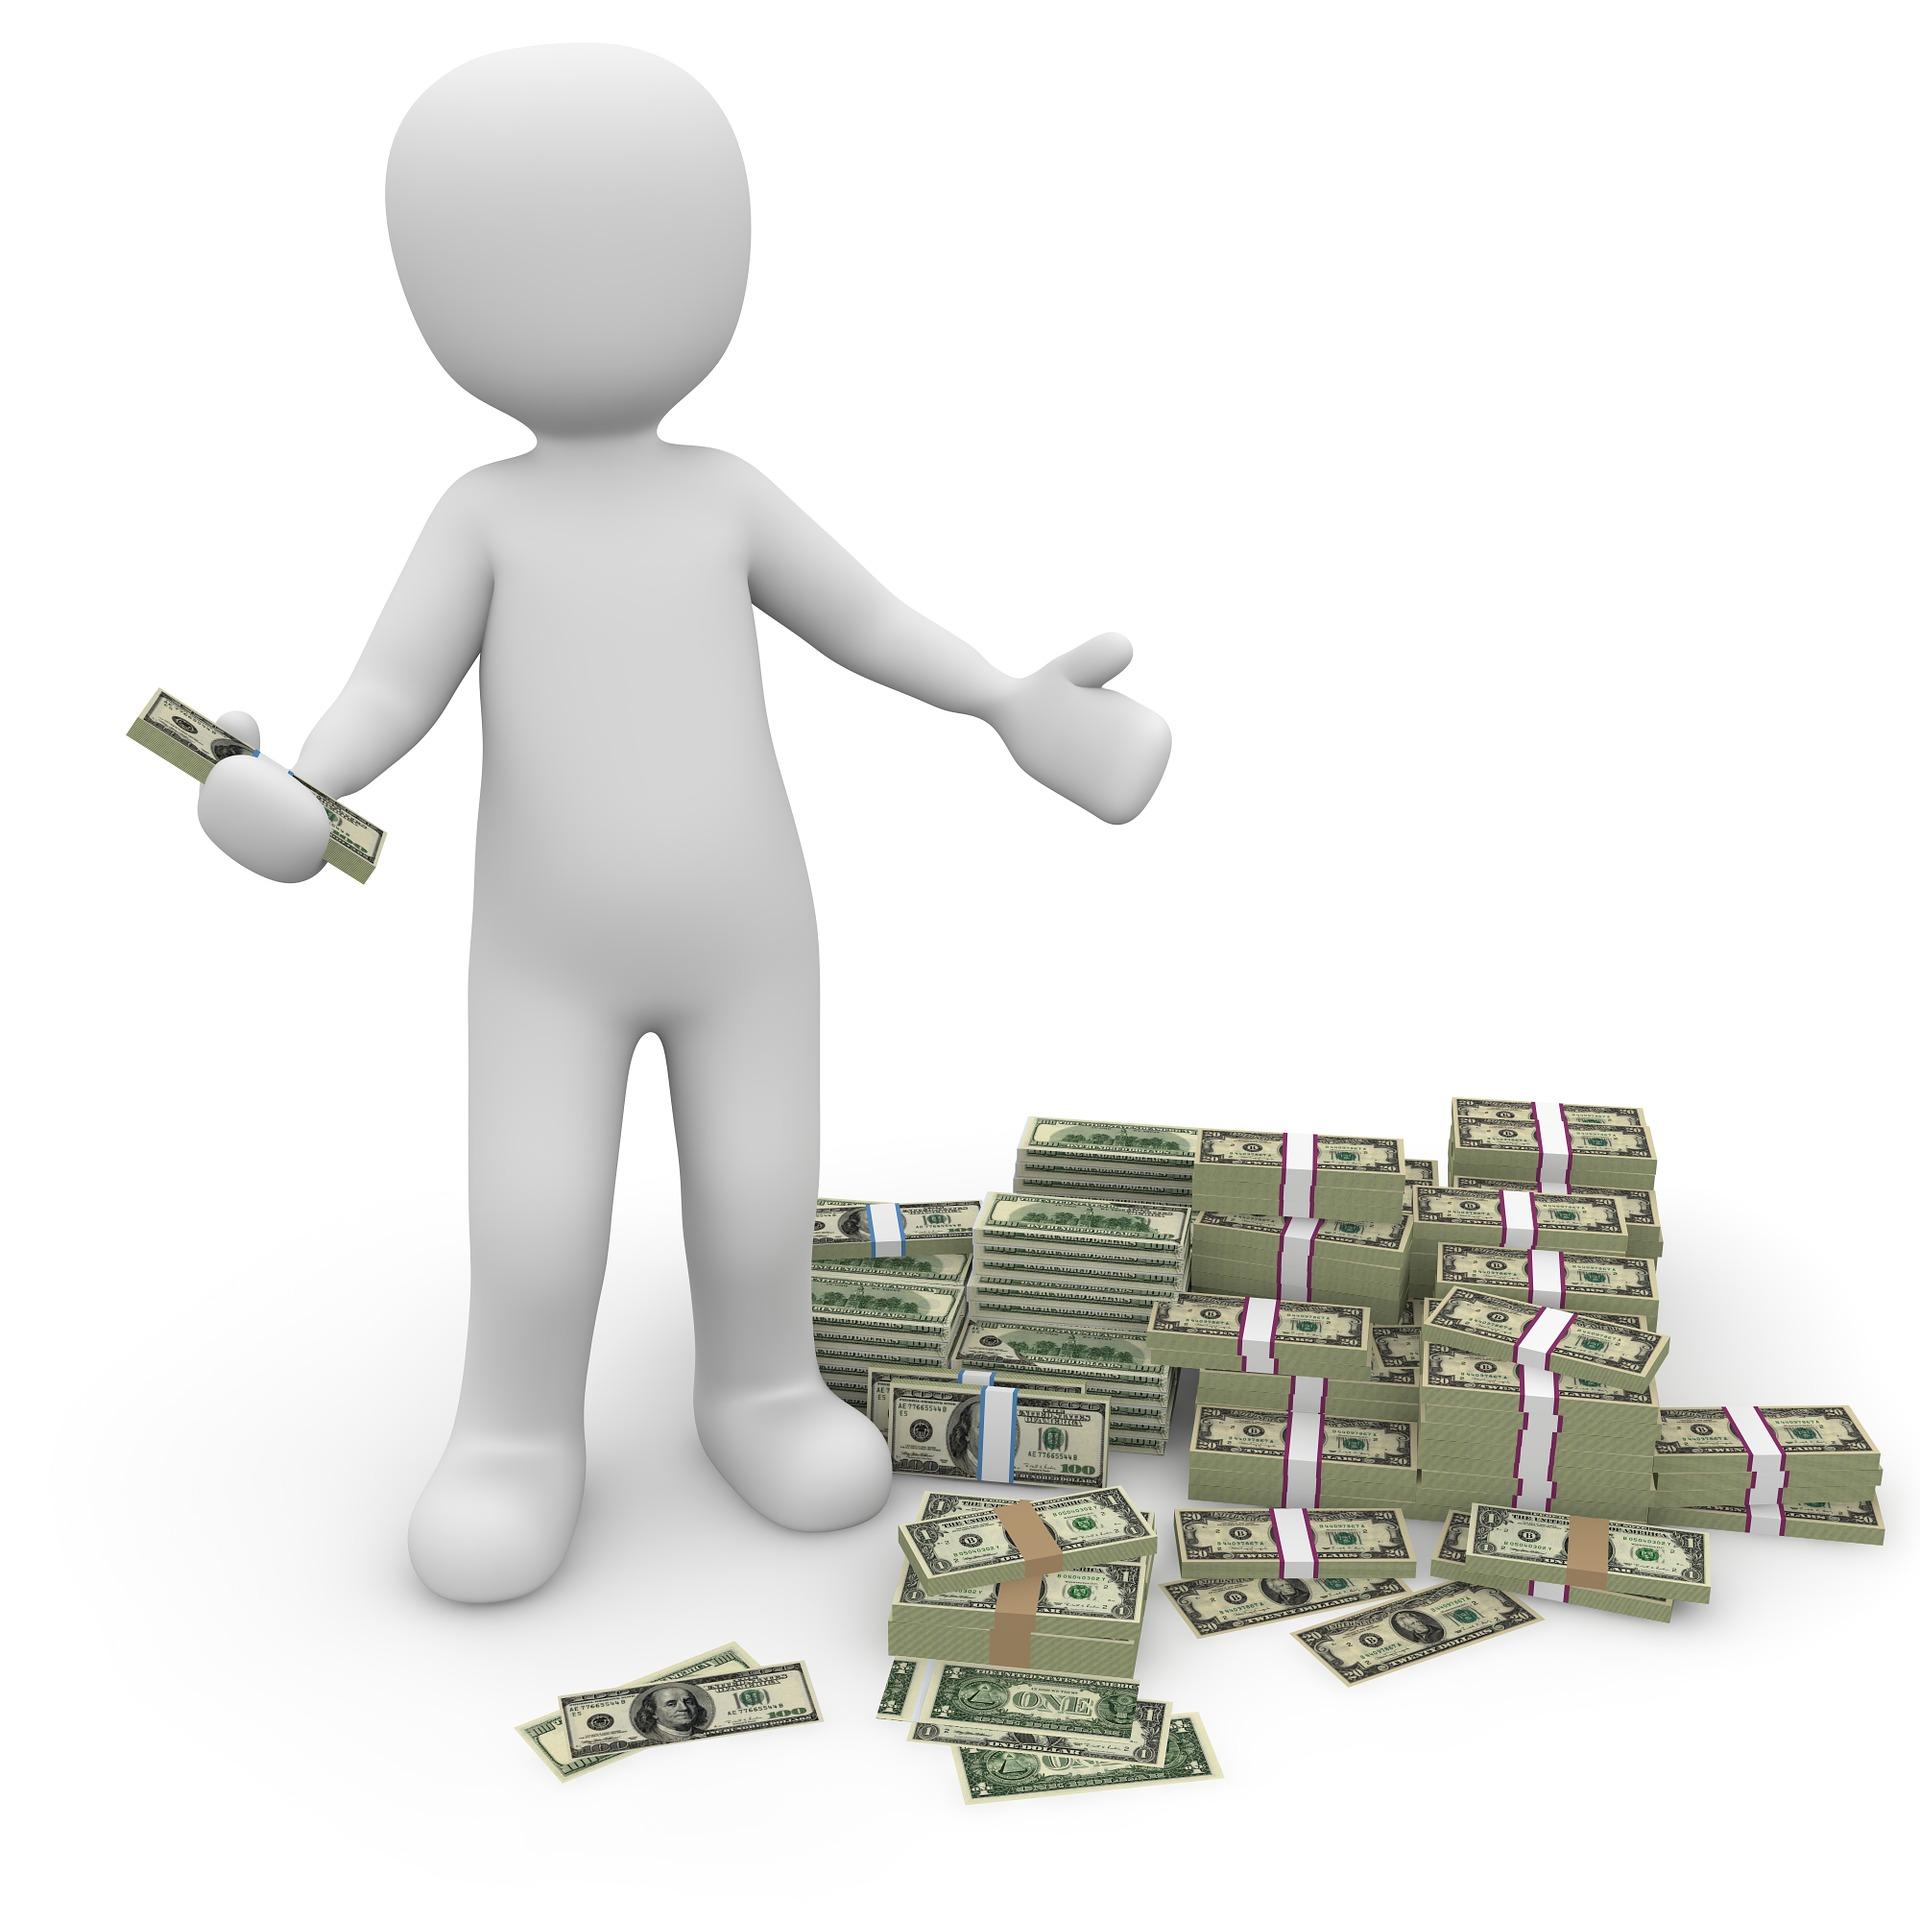 借錢案例-家人突然生病,因過年開銷大無法支付,臨時小額借款度難關